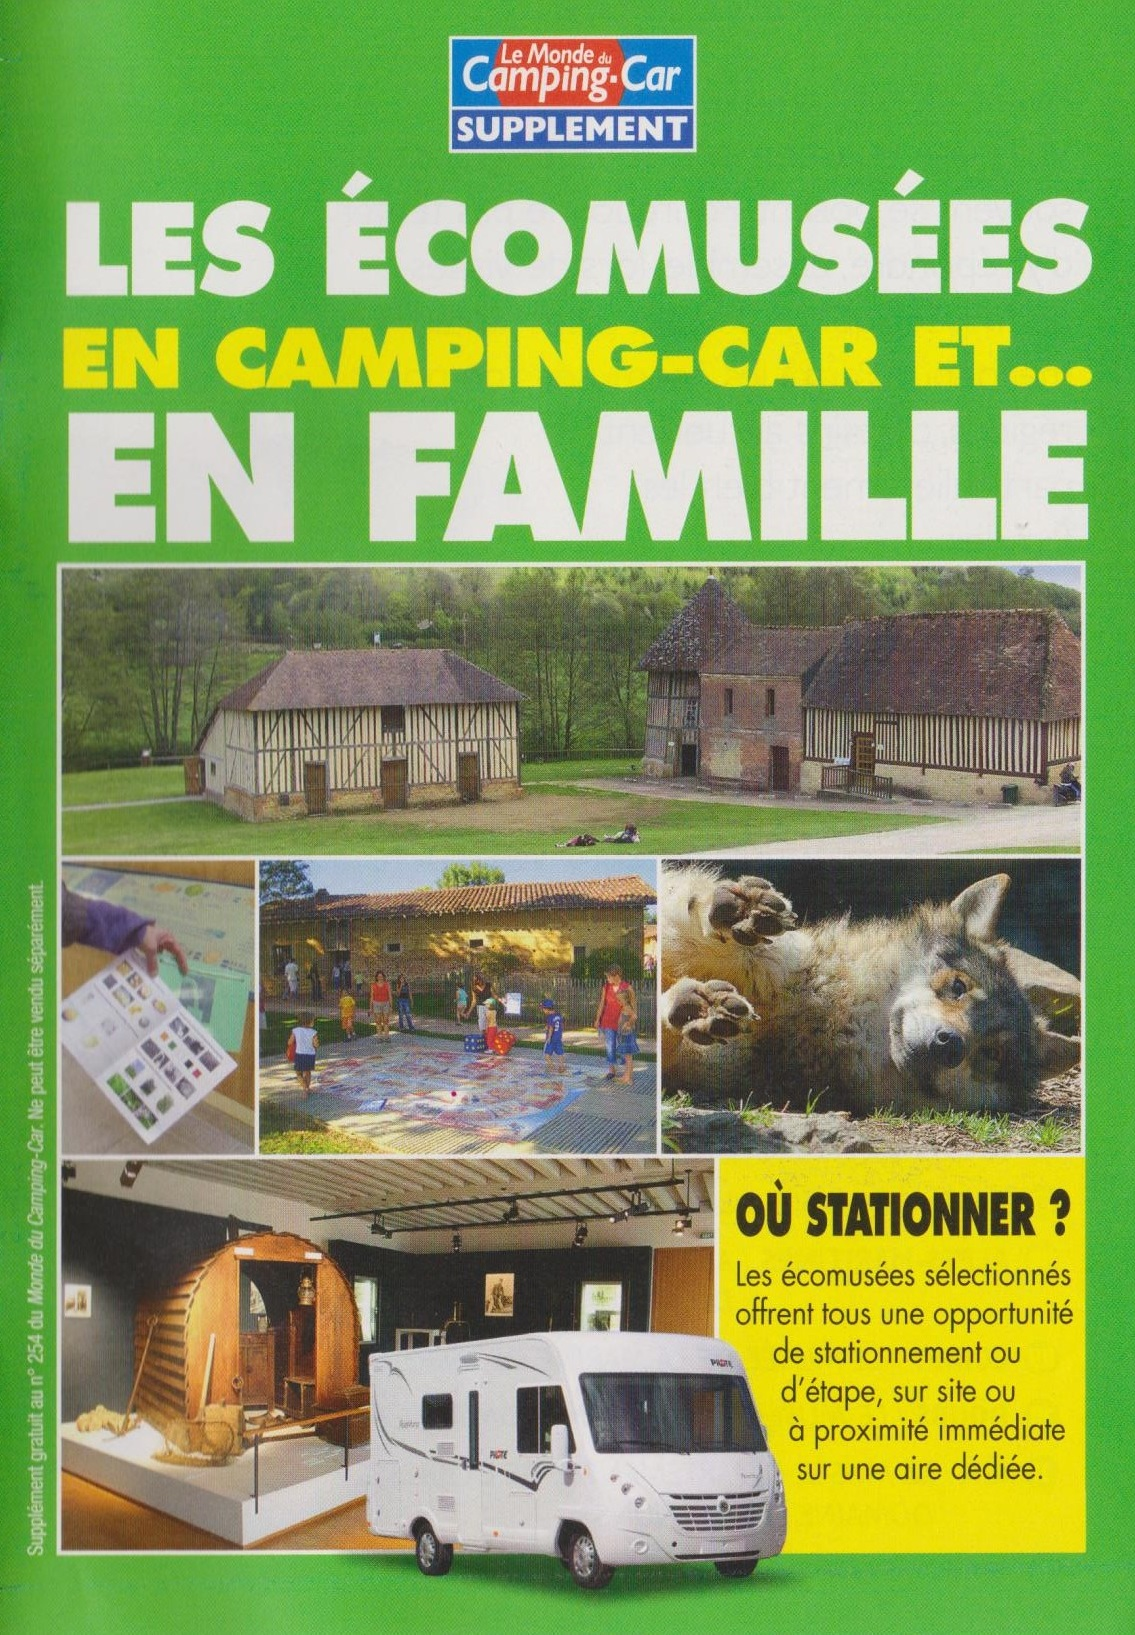 Le Monde du Camping